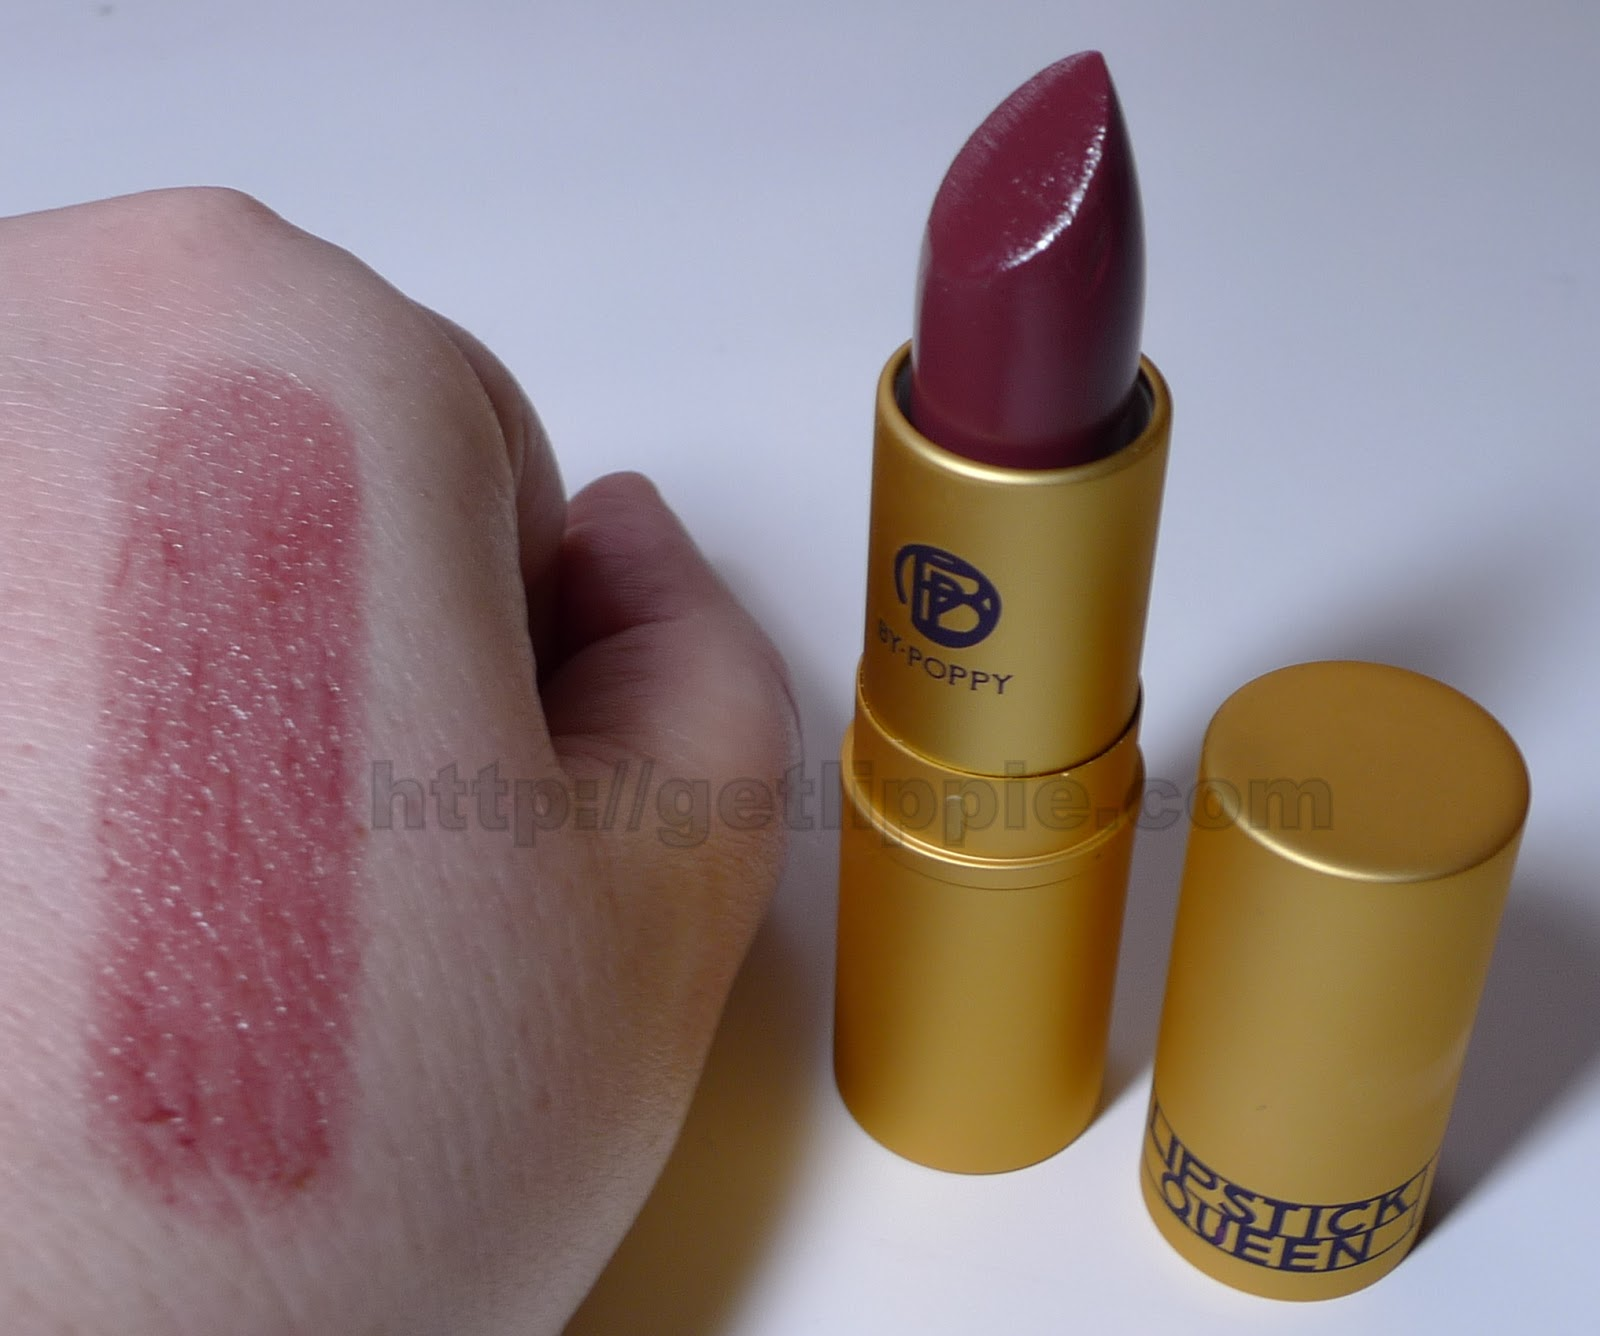 Lipstick queen sinner rouge